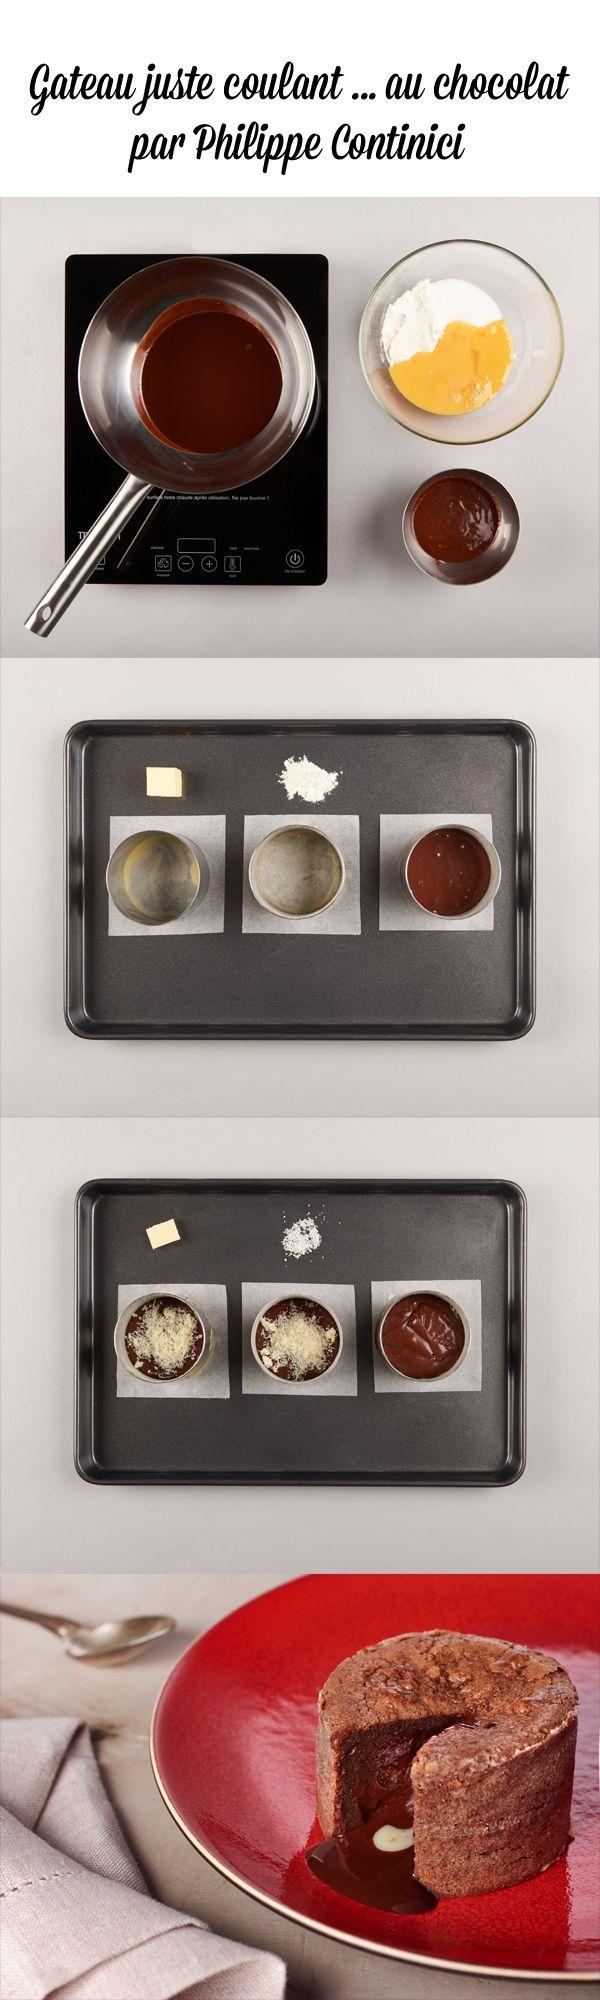 Découvrez la recette du gâteau juste coulant au chocolat de Philippe Conticini…